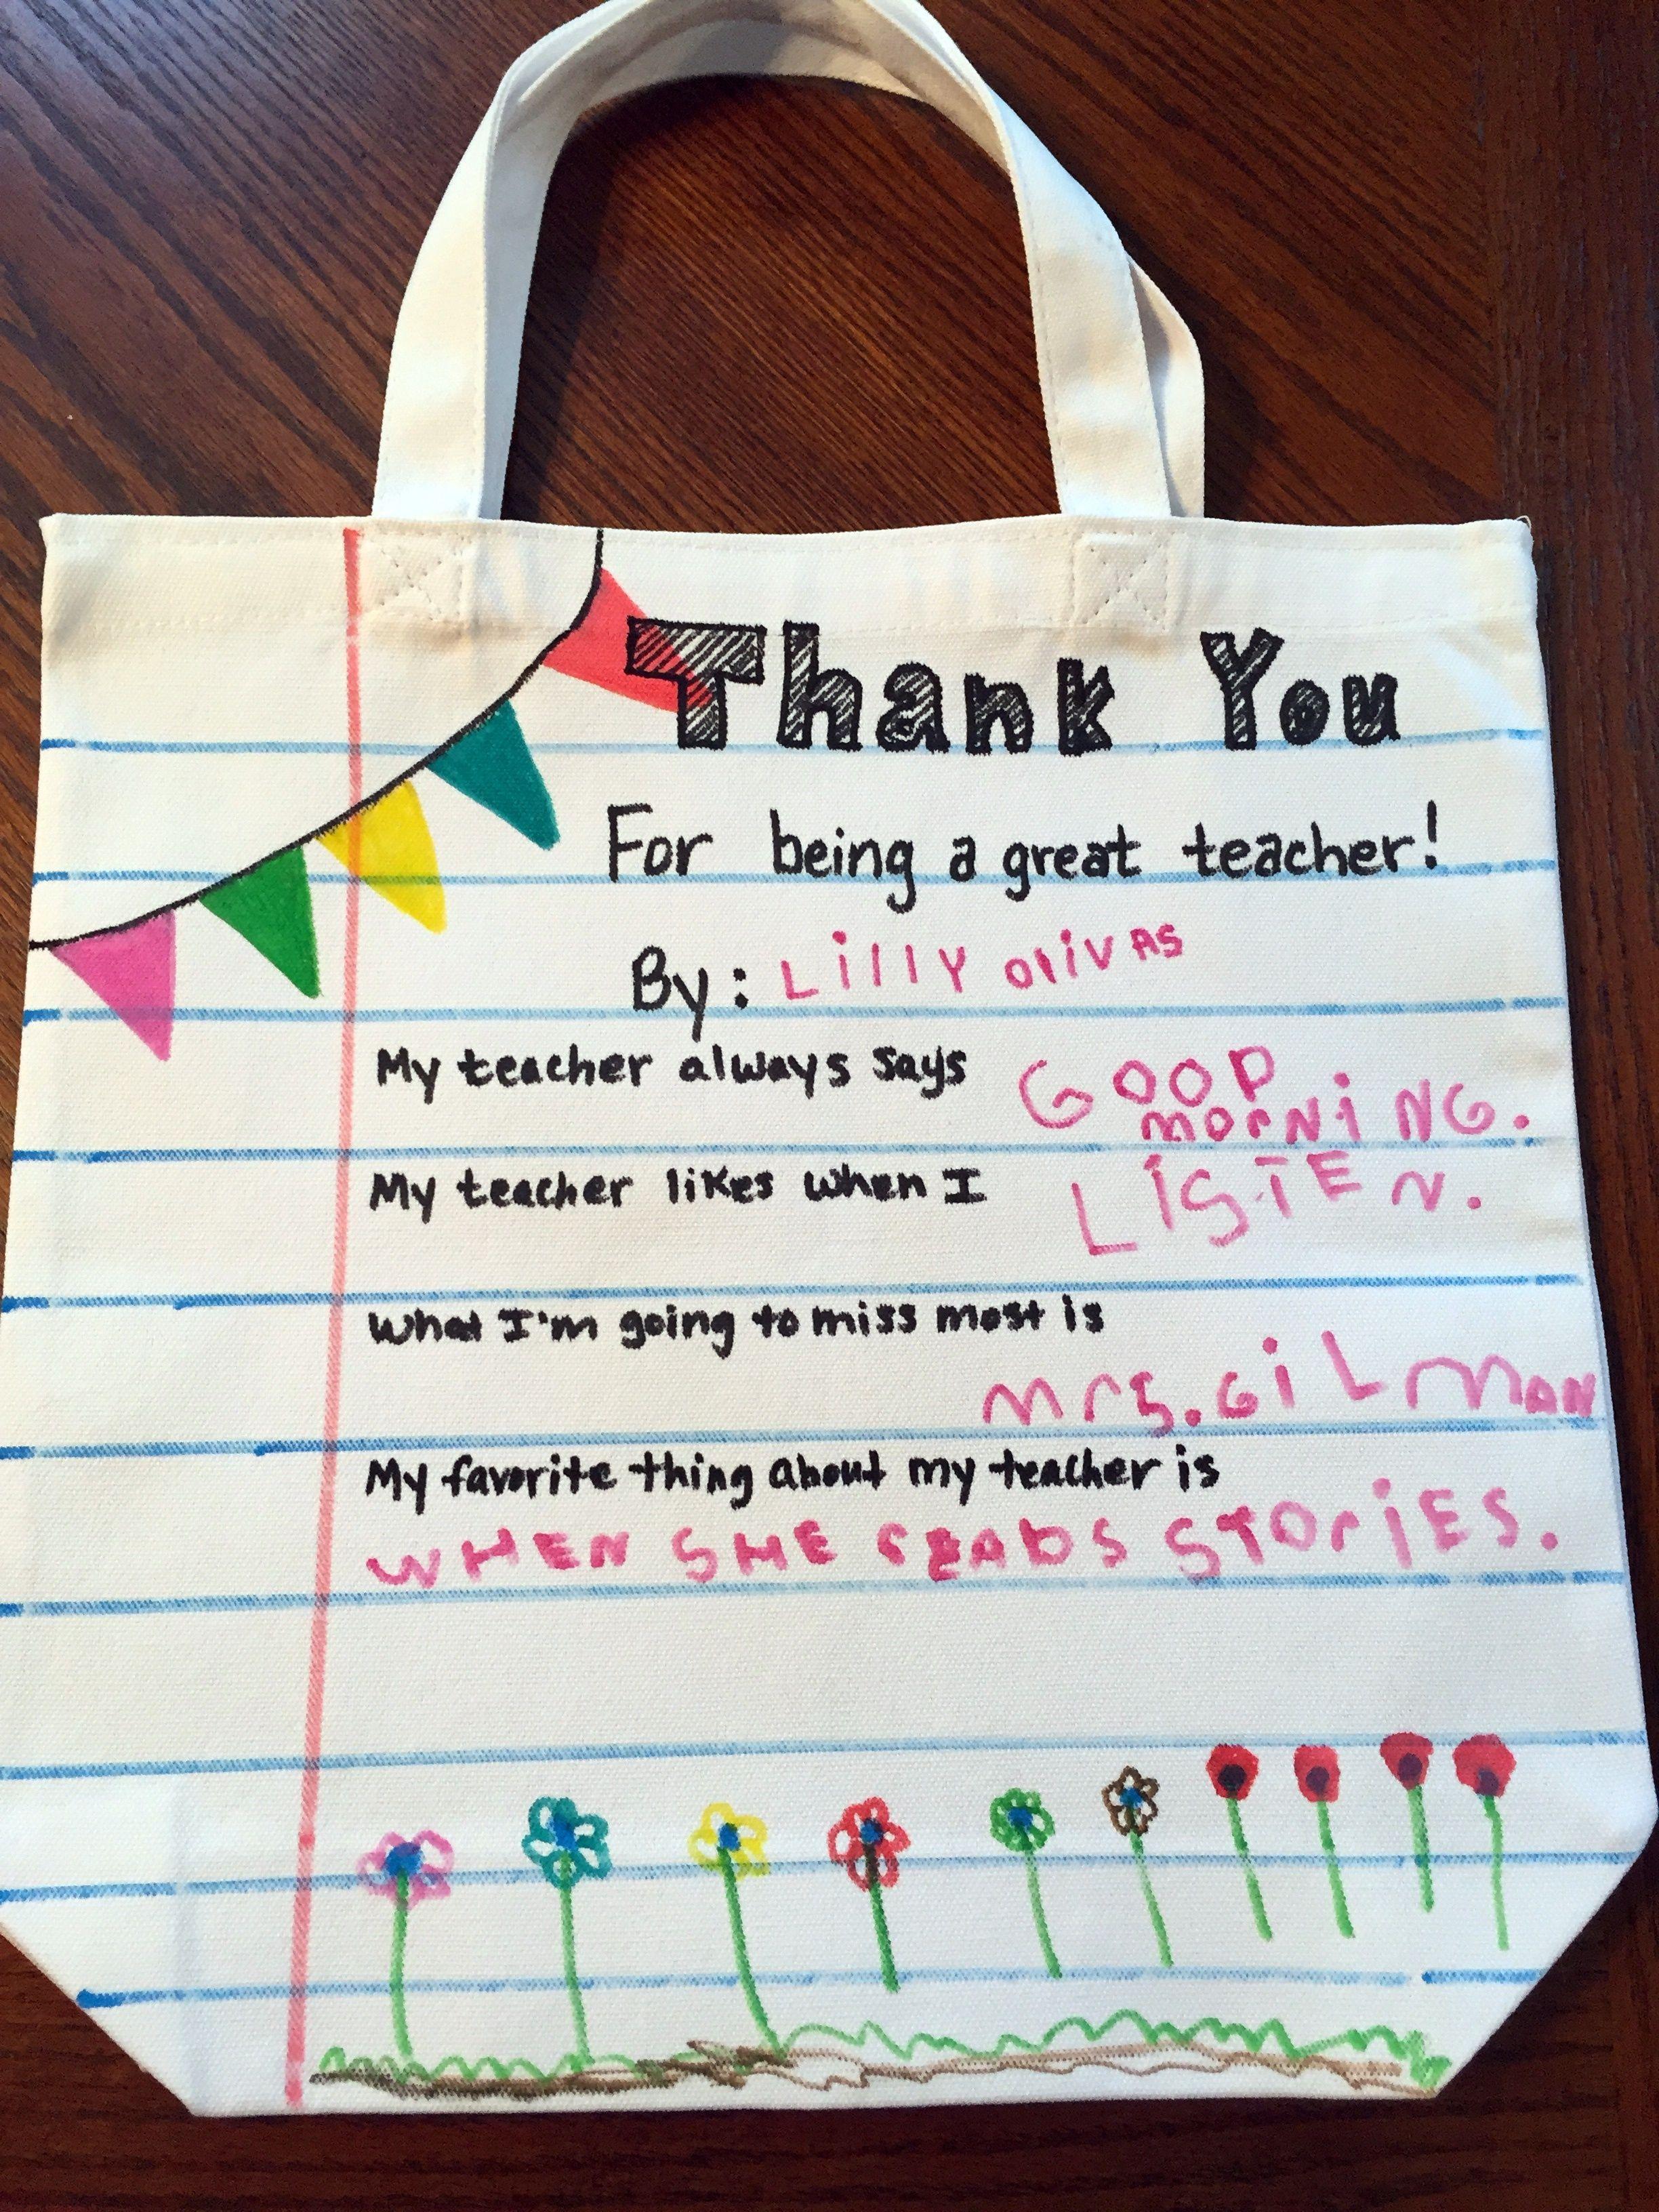 79c09ac76b Προσωποποιημένη χειροποίητη τσάντα από ύφασμα για δασκάλα